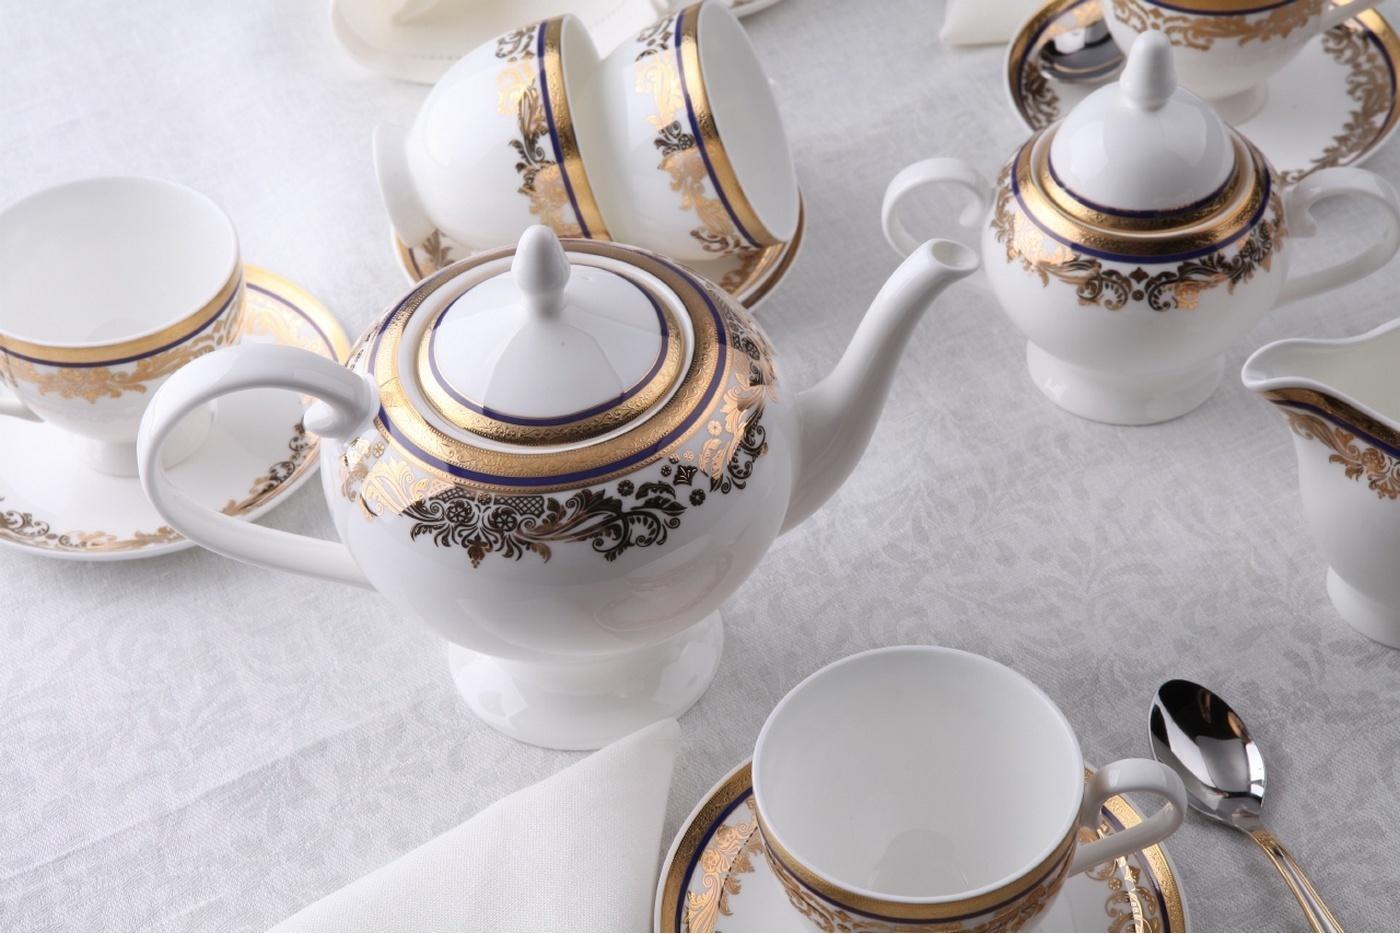 Чайный сервиз Royal Aurel Элит арт.121, 15 предметовЧайные сервизы<br>Чайный сервиз Royal Aurel Элит арт.121, 15 предметов<br><br><br><br><br><br><br><br><br><br><br>Чашка 270 мл,6 шт.<br>Блюдце 15 см,6 шт.<br>Чайник 1100 мл<br>Сахарница 370 мл<br><br><br><br><br><br><br><br><br>Молочник 300 мл<br><br><br><br><br><br><br><br><br>Производить посуду из фарфора начали в Китае на стыке 6-7 веков. Неустанно совершенствуя и селективно отбирая сырье для производства посуды из фарфора, мастерам удалось добиться выдающихся характеристик фарфора: белизны и тонкостенности. В XV веке появился особый интерес к китайской фарфоровой посуде, так как в это время Европе возникла мода на самобытные китайские вещи. Роскошный китайский фарфор являлся изыском и был в новинку, поэтому он выступал в качестве подарка королям, а также знатным людям. Такой дорогой подарок был очень престижен и по праву являлся элитной посудой. Как известно из многочисленных исторических документов, в Европе китайские изделия из фарфора ценились практически как золото. <br>Проверка изделий из костяного фарфора на подлинность <br>По сравнению с производством других видов фарфора процесс производства изделий из настоящего костяного фарфора сложен и весьма длителен. Посуда из изящного фарфора - это элитная посуда, которая всегда ассоциируется с богатством, величием и благородством. Несмотря на небольшую толщину, фарфоровая посуда - это очень прочное изделие. Для демонстрации плотности и прочности фарфора можно легко коснуться предметов посуды из фарфора деревянной палочкой, и тогда мы услушим характерный металлический звон. В составе фарфоровой посуды присутствует костяная зола, благодаря чему она может быть намного тоньше (не более 2,5 мм) и легче твердого или мягкого фарфора. Безупречная белизна - ключевой признак отличия такого фарфора от других. Цвет обычного фарфора сероватый или ближе к голубоватому, а костяной фарфор будет всегда будет молочно-белого цвета. Характерная и немаловажная деталь - это невесомая